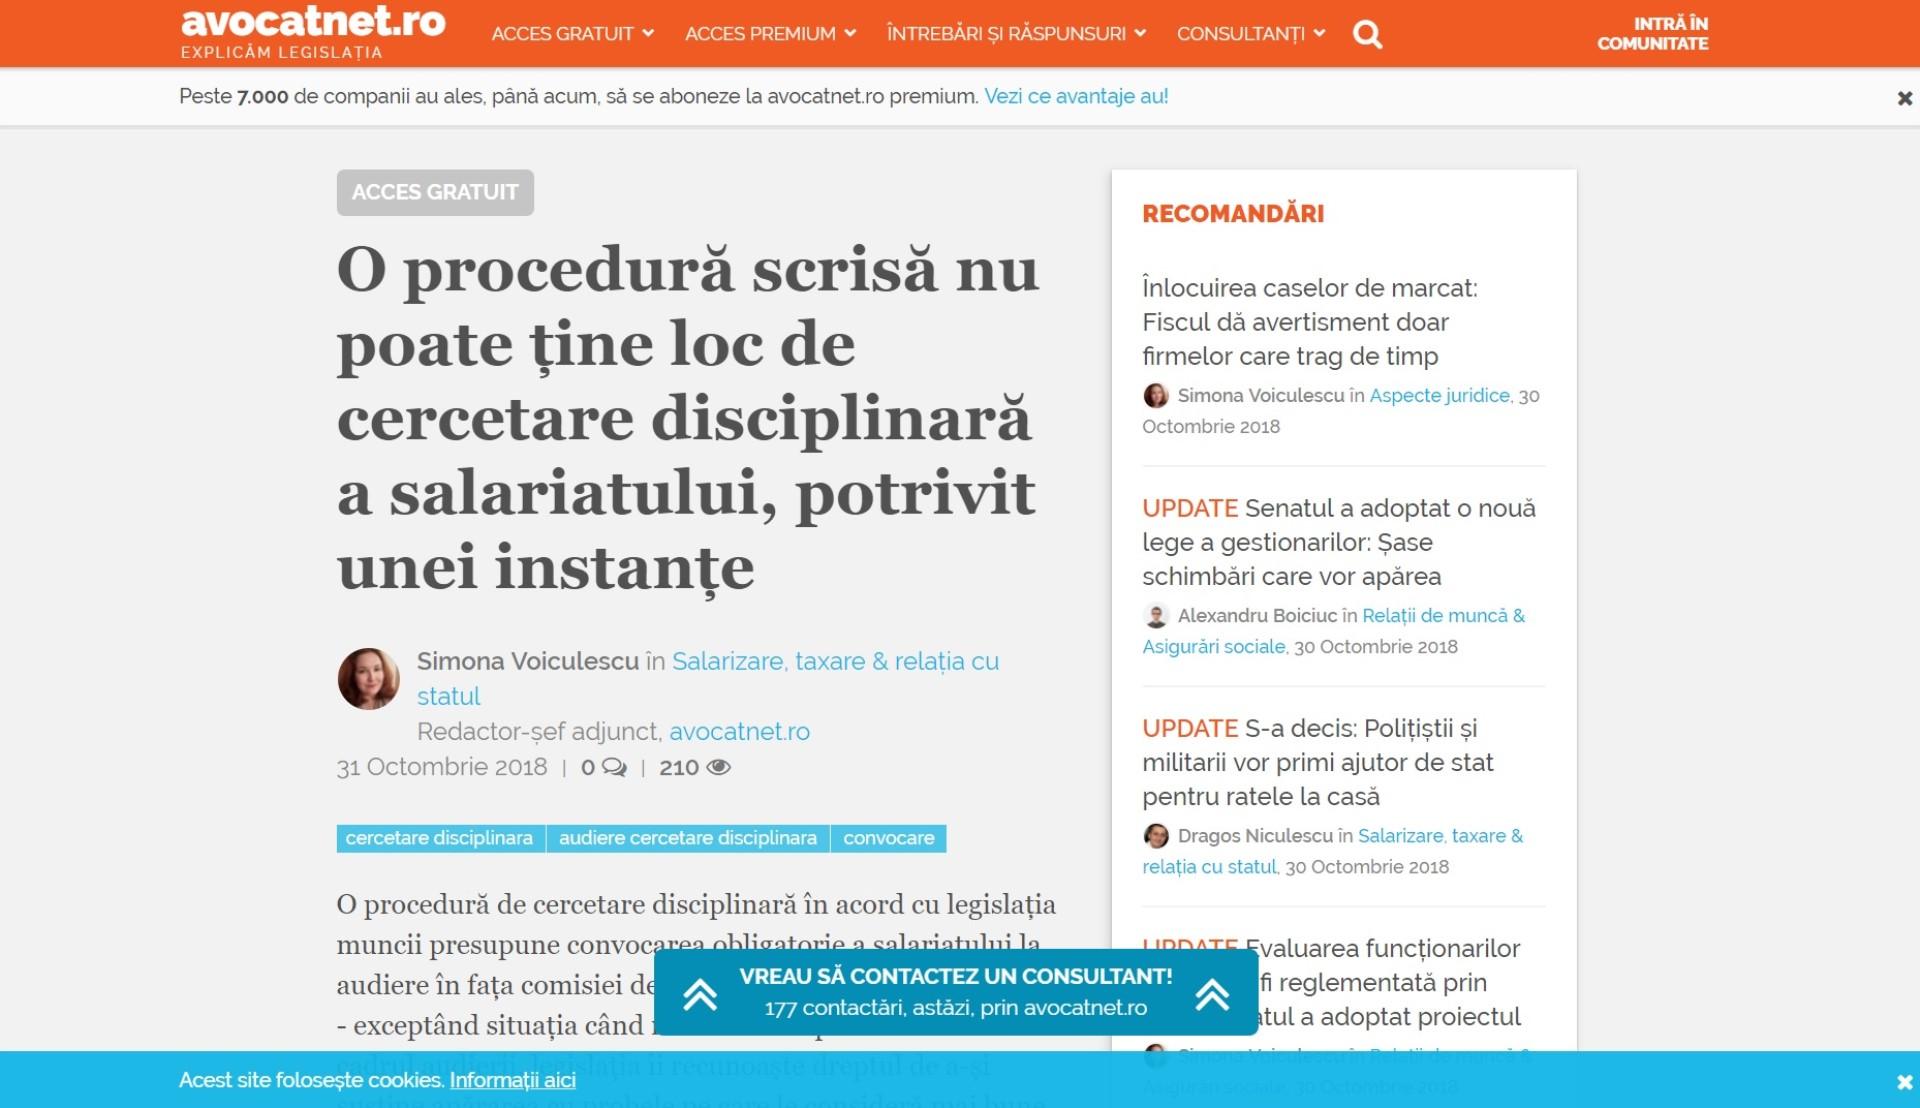 Avocatnet.ro, explicăm legislația, lunar, pentru milioane de români